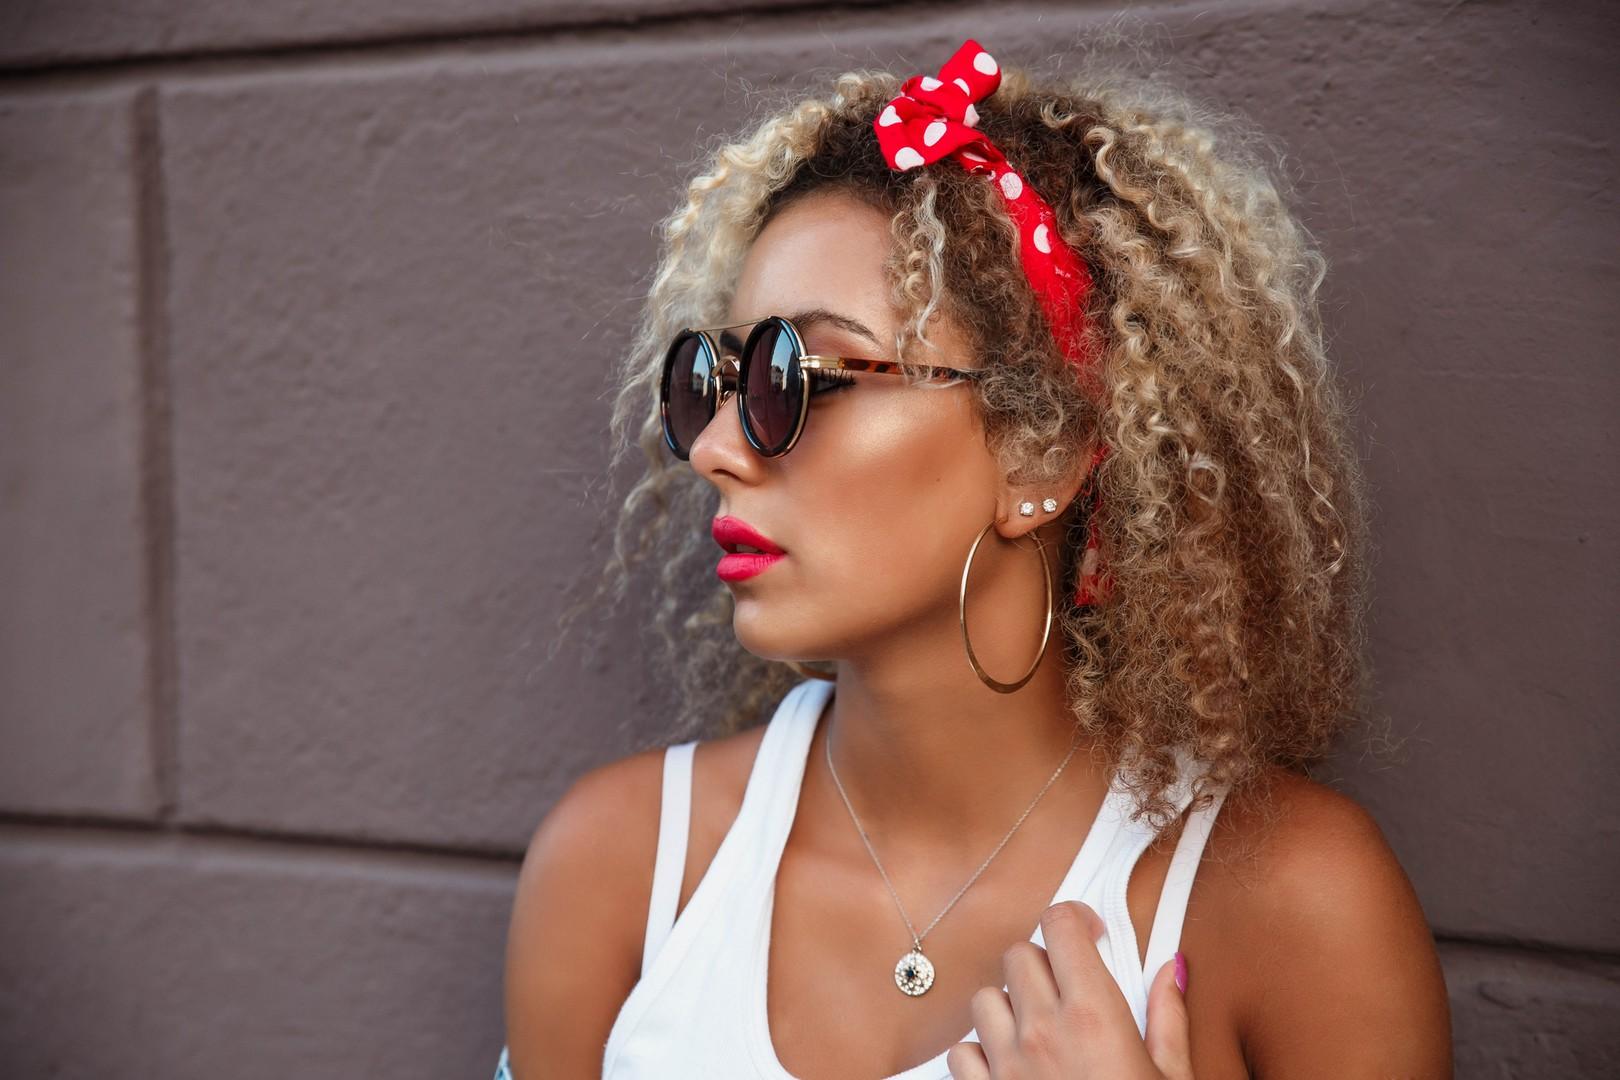 como prender cabelo curto 17 - Como prender cabelo curto: formas de prender os fios curtinhos e dicas de penteado